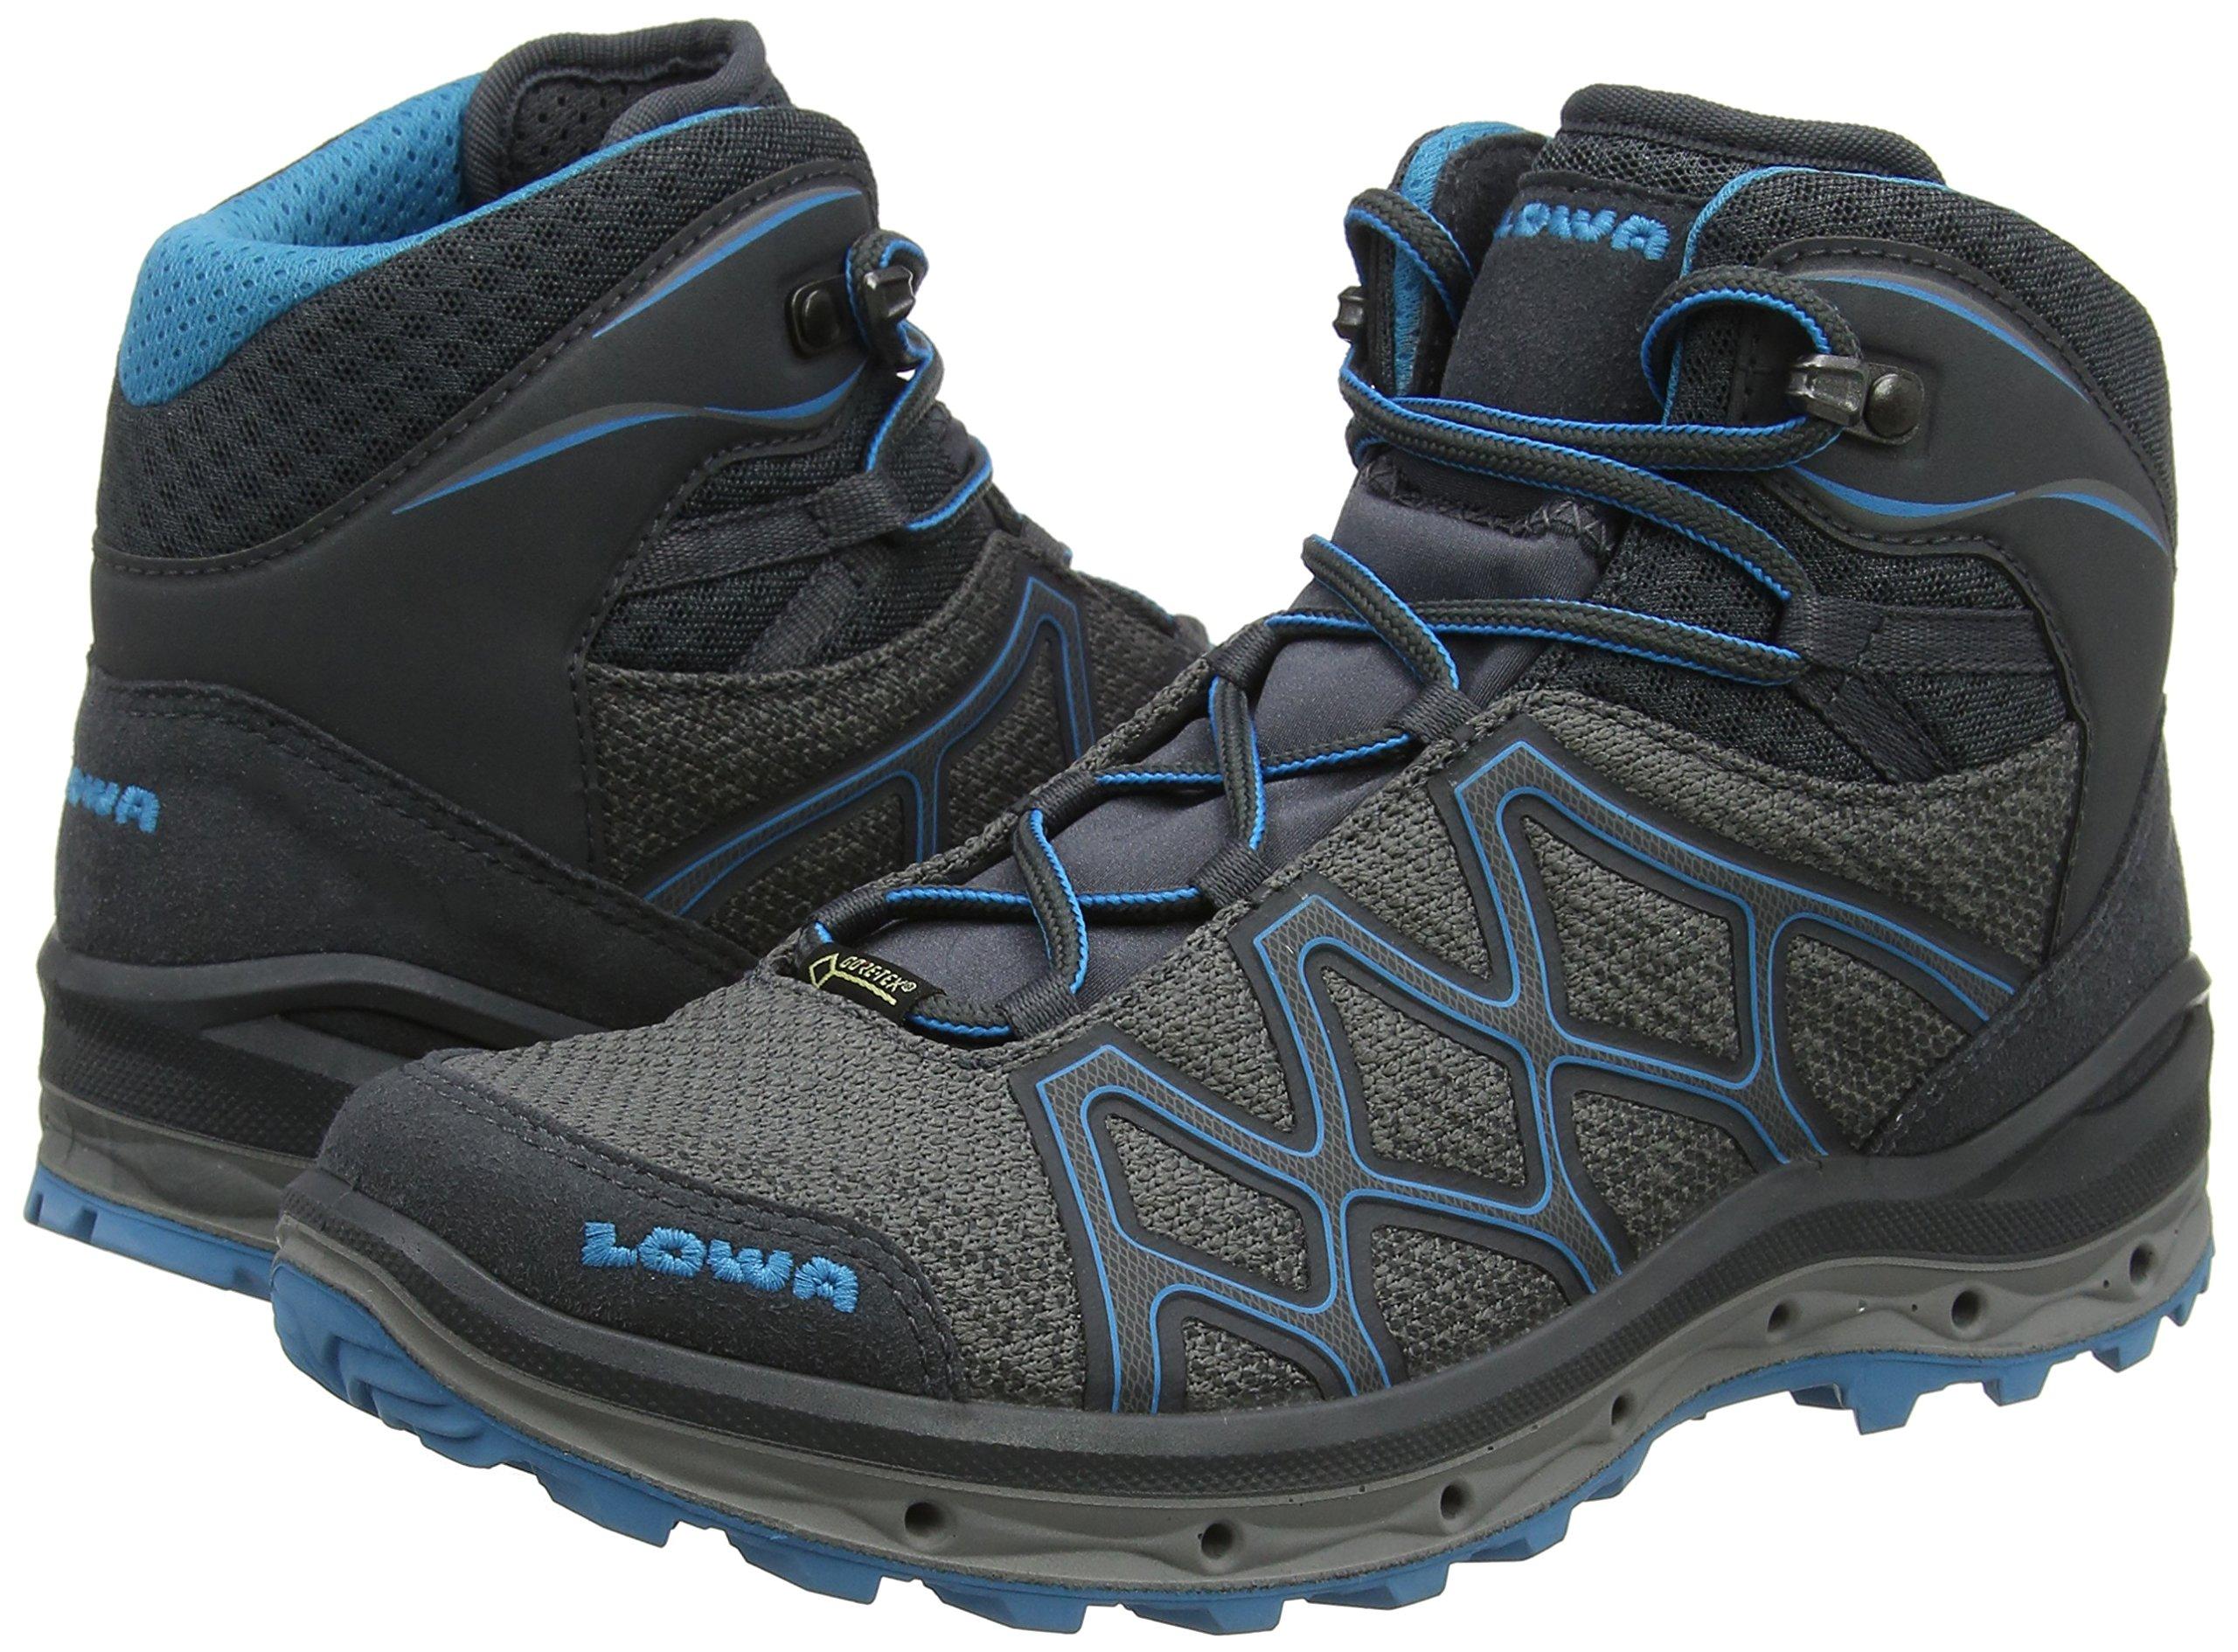 91vjOp8U4FL - Lowa Women's AEROX GTX MID W High Rise Hiking Boots